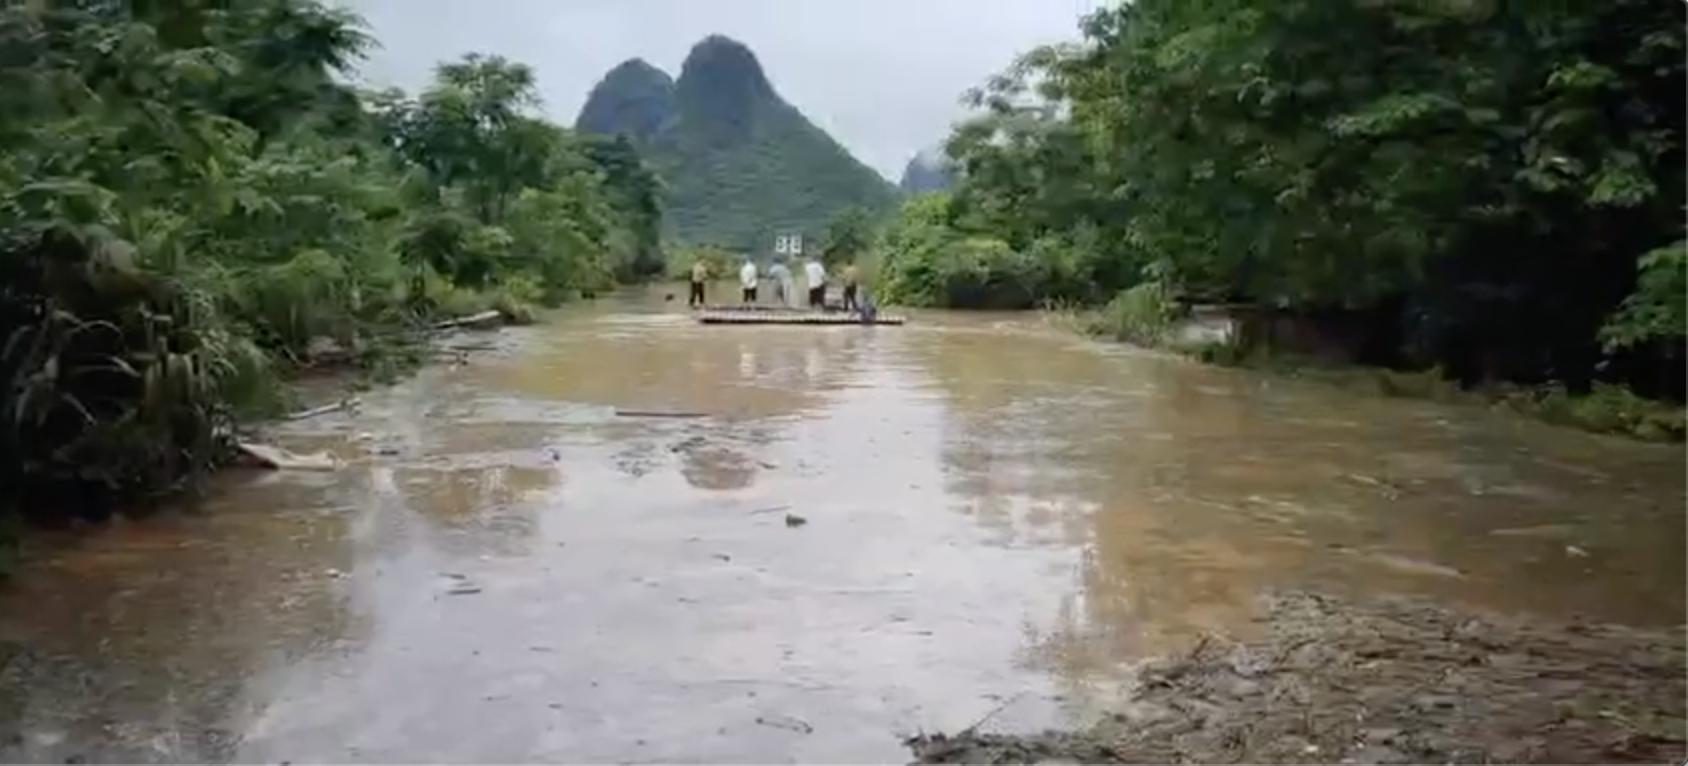 暴雨洪災過後,邨民自救想辦法救出被淹沒的汽車。(受訪者提供)